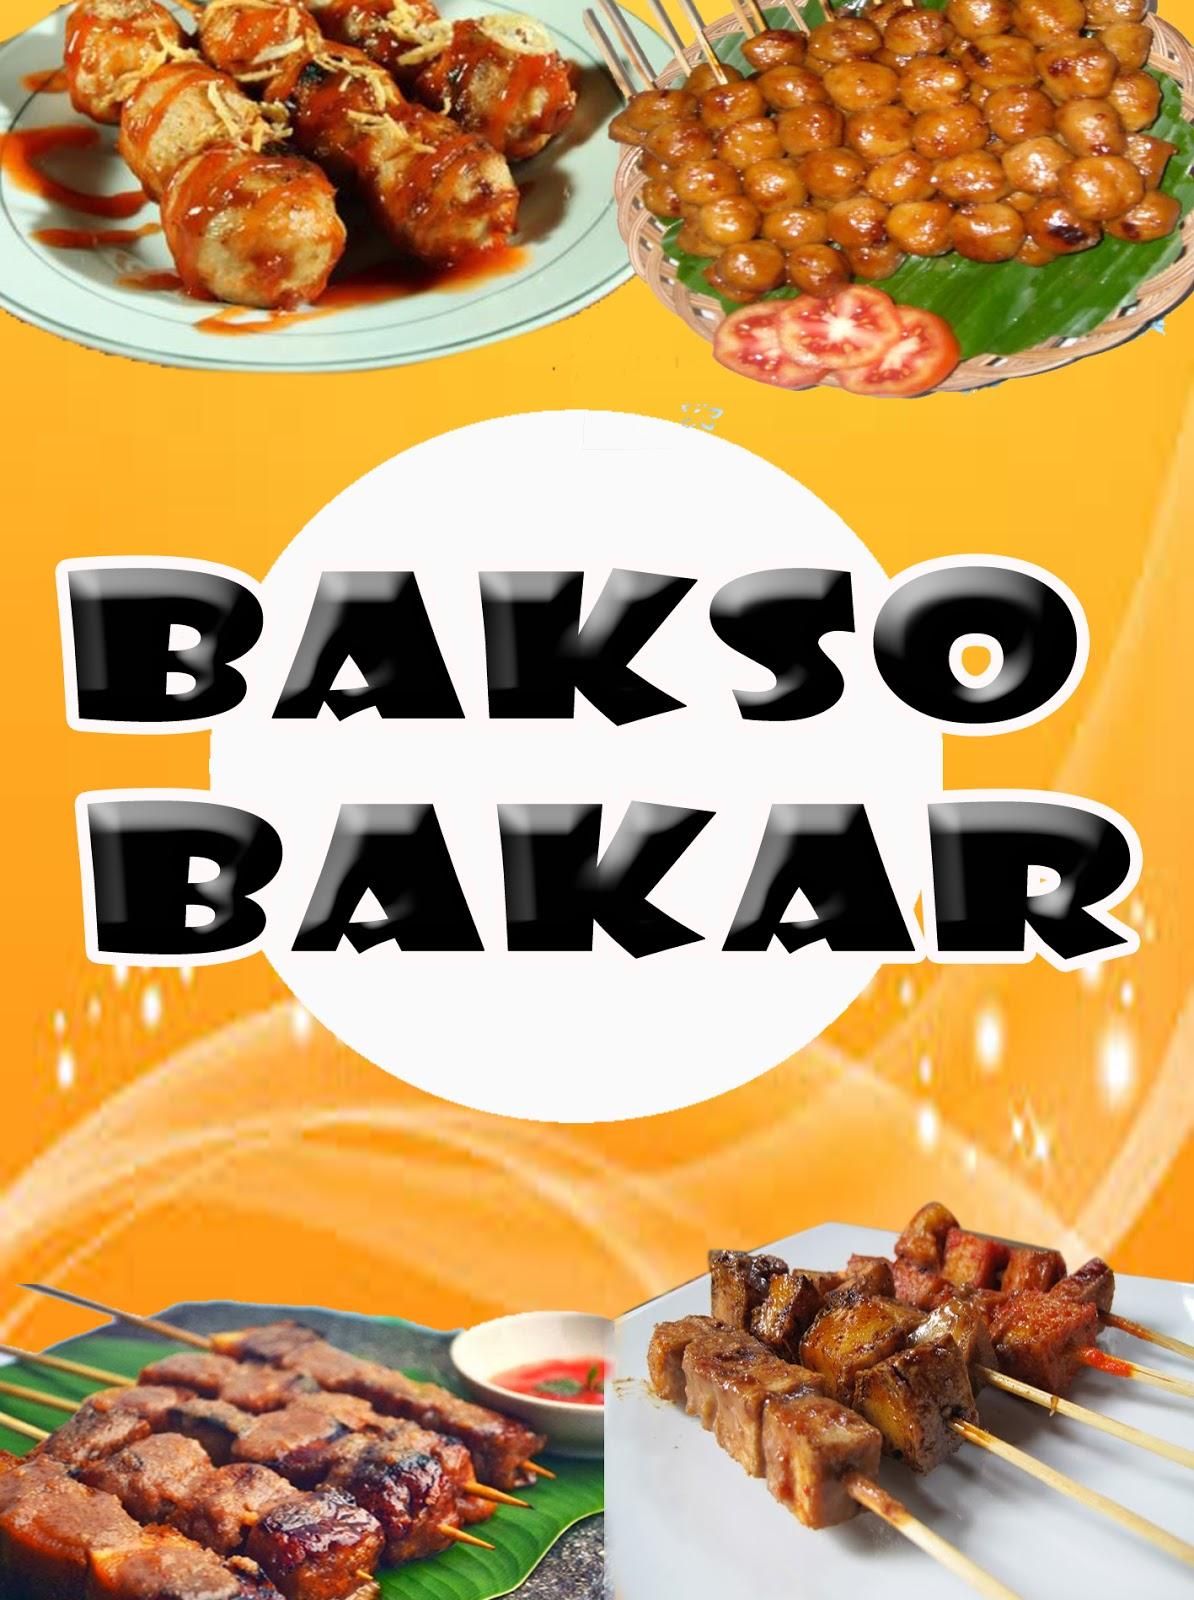 Banner Bakso Bakar - gambar spanduk